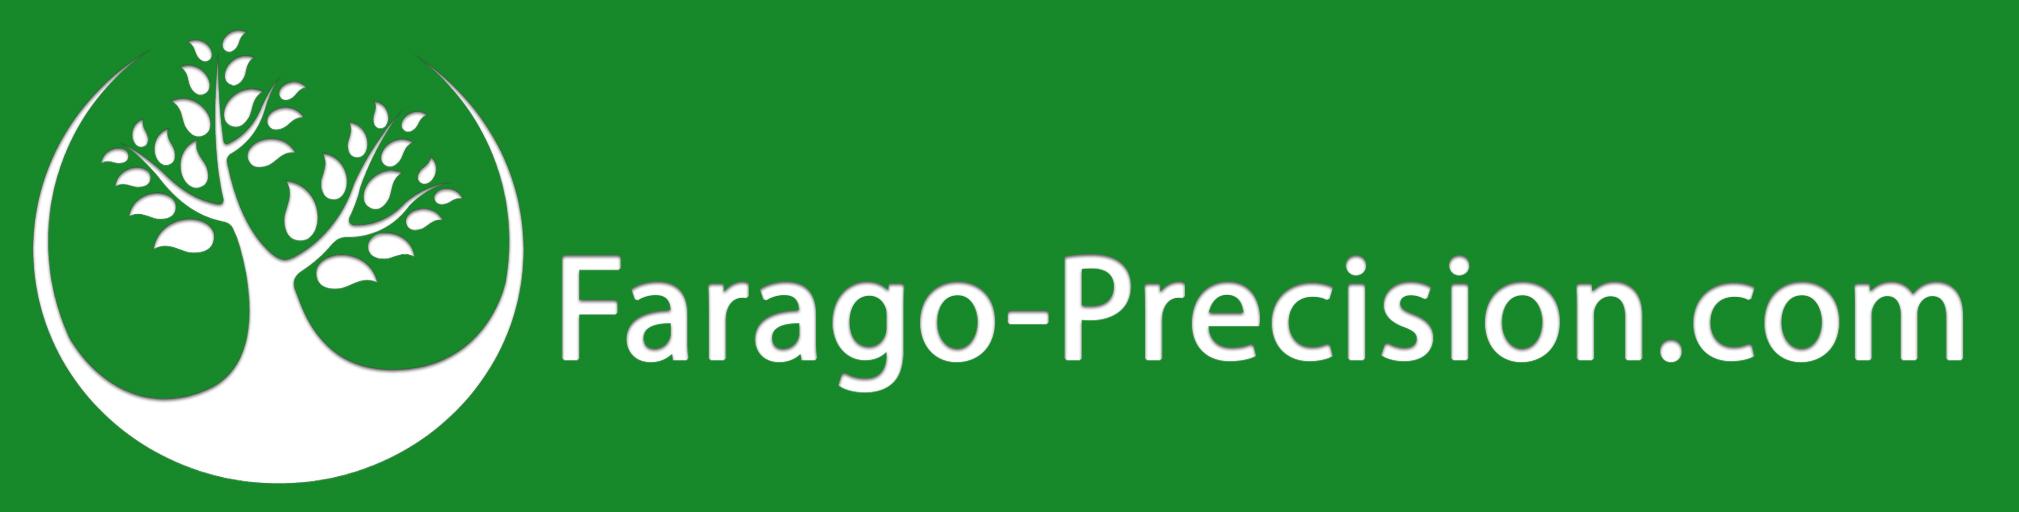 farago-precision.com